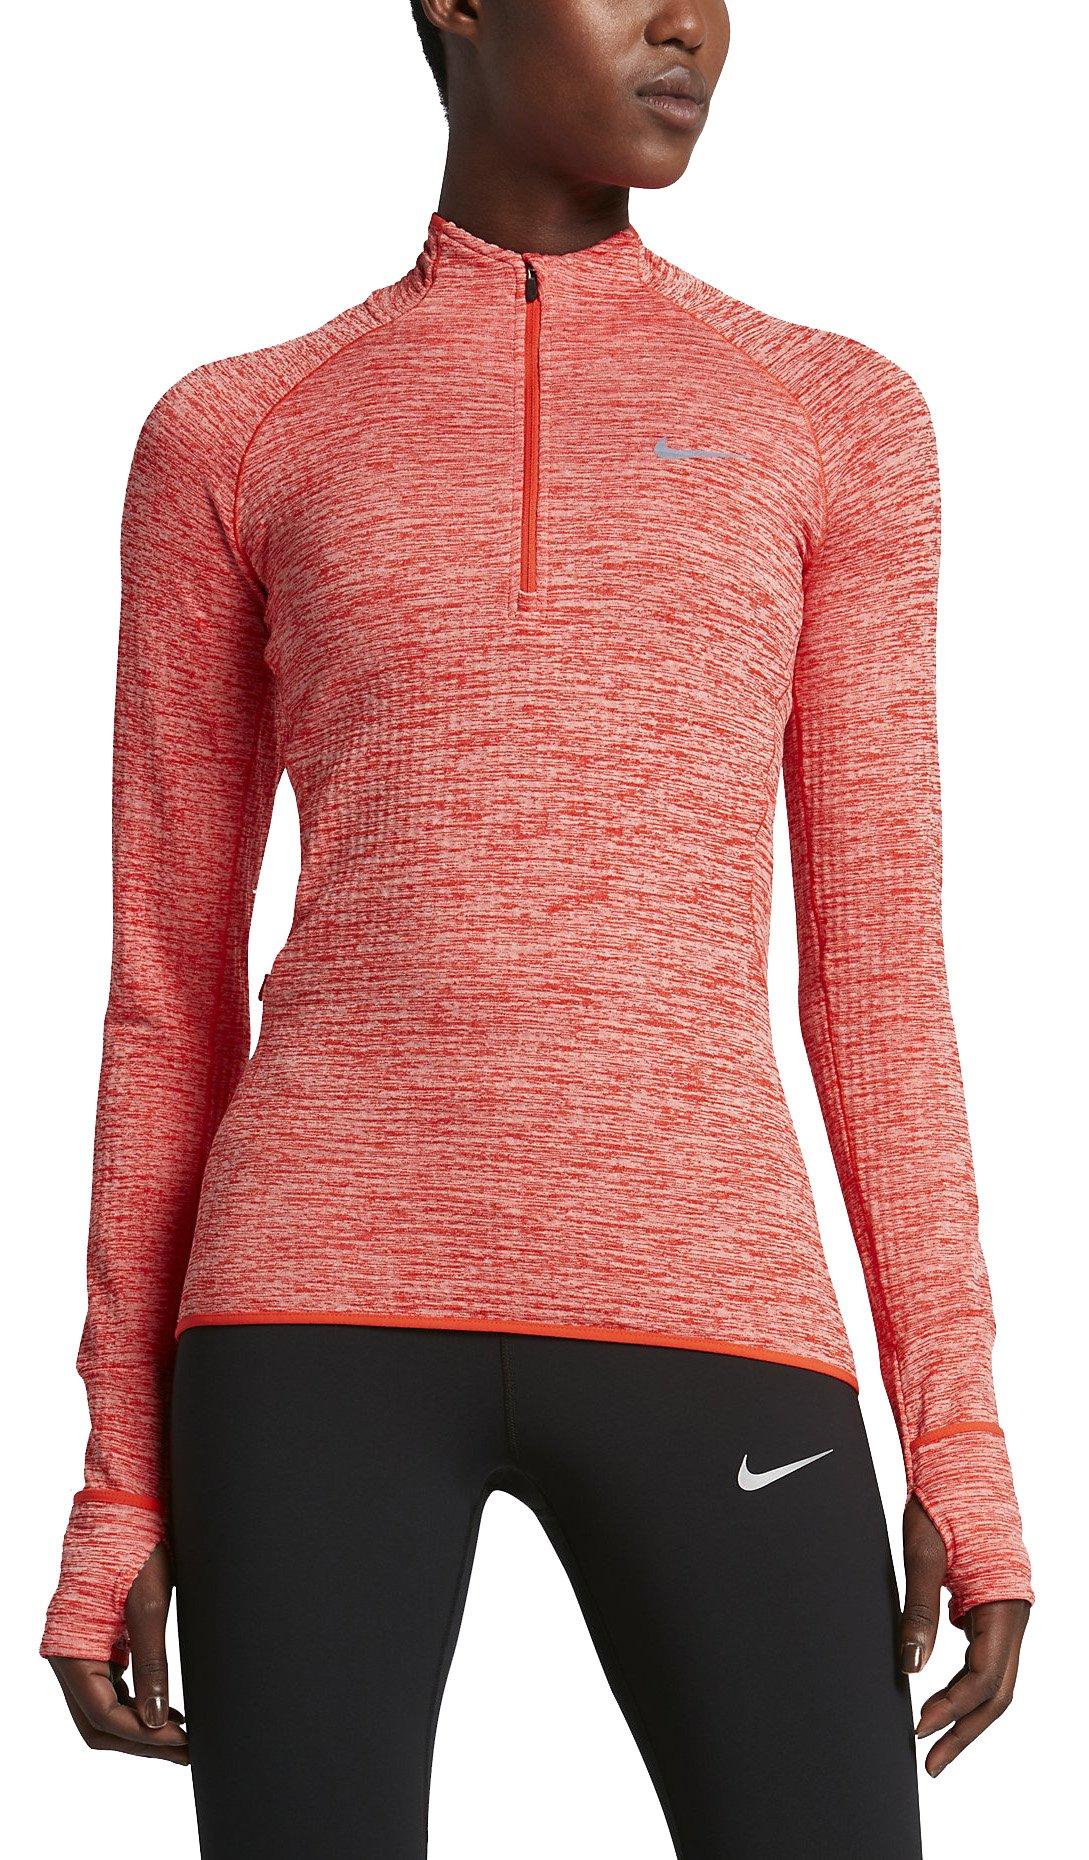 Běžecké triko Nike Element Sphere 1/2 Zip